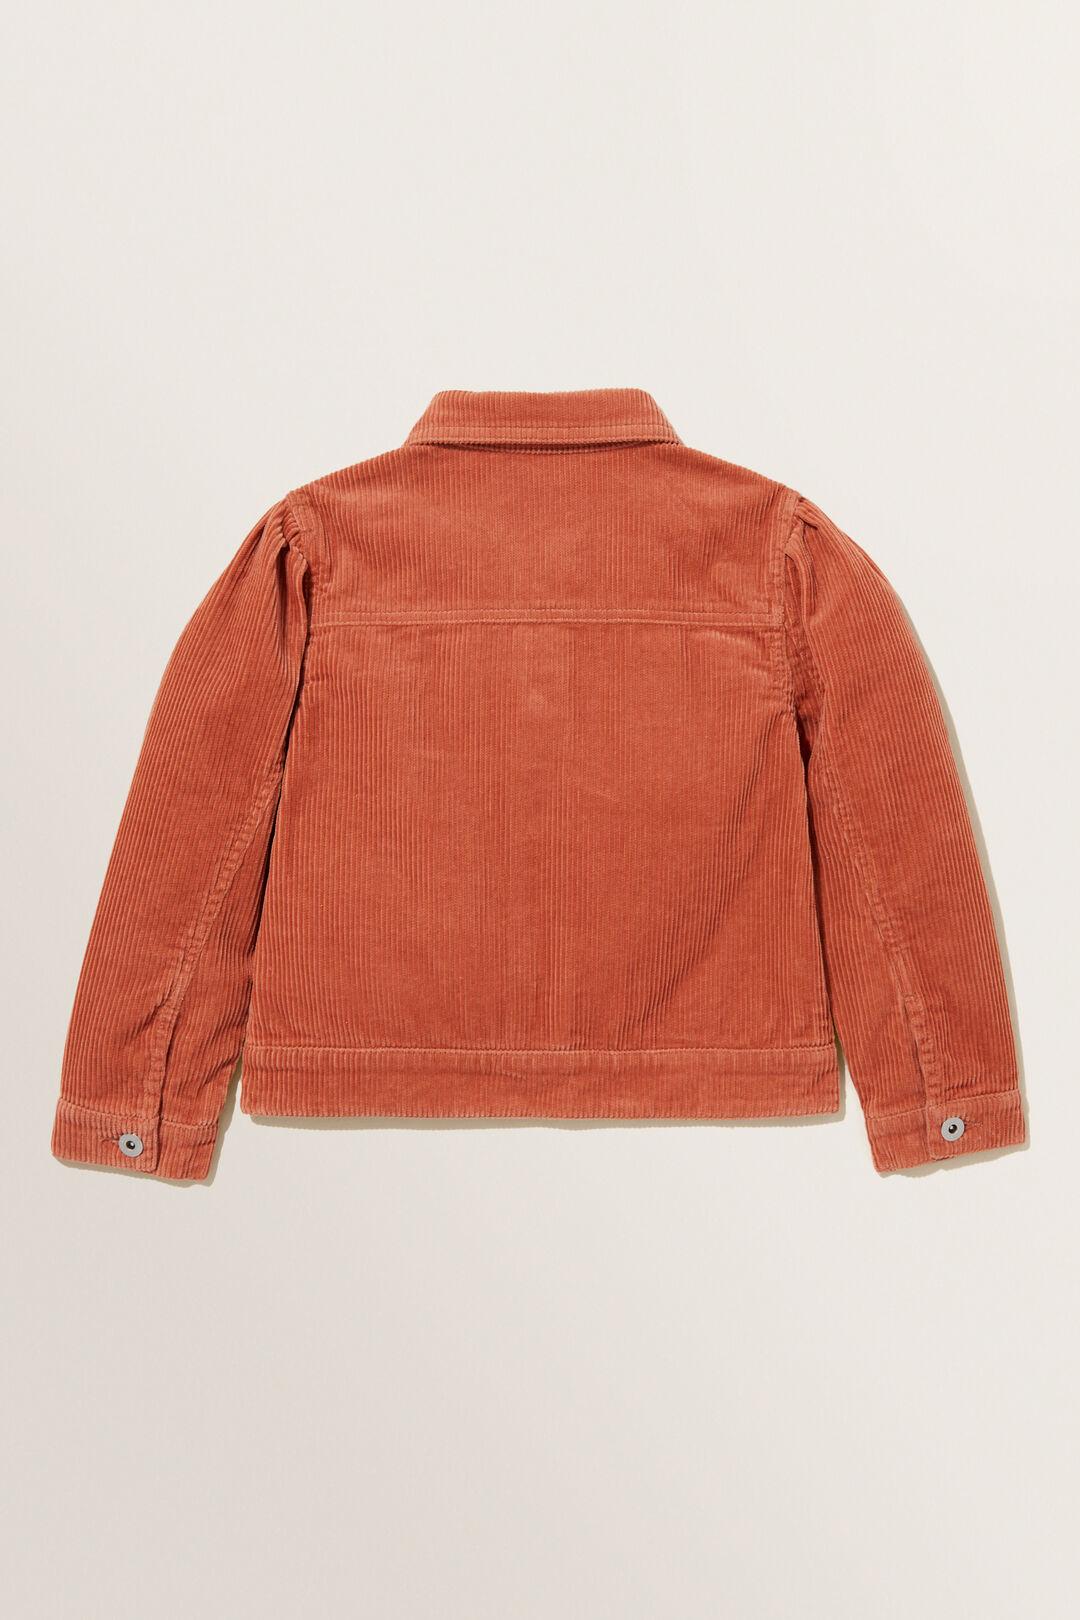 Corduroy Jacket  CLAY  hi-res